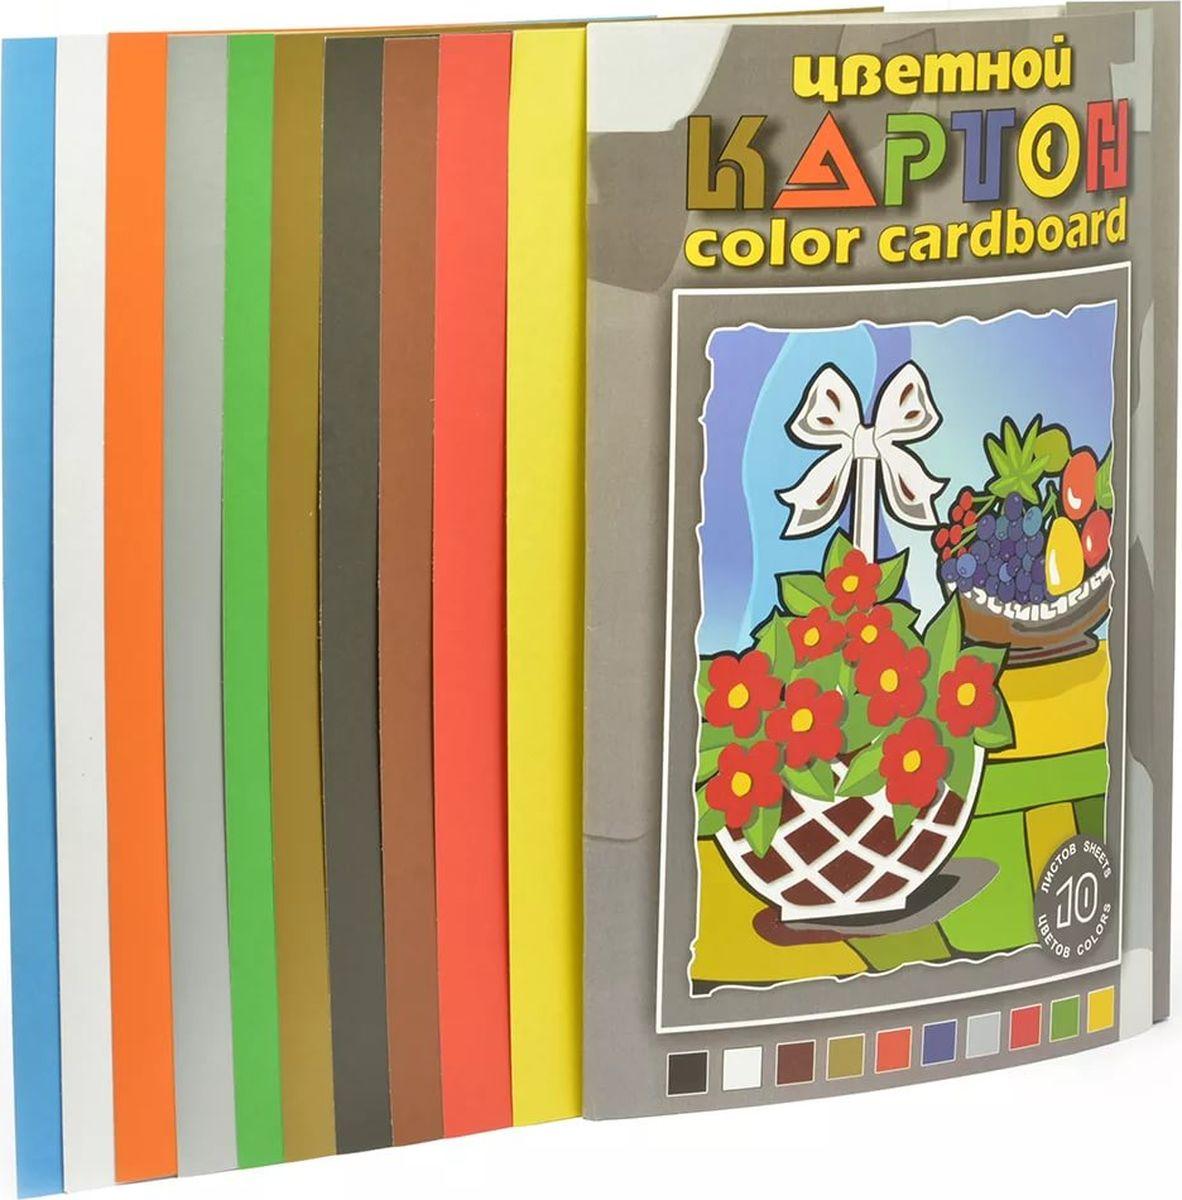 Палаццо Картон цветной Натюрморт 10 листов 10 цветовНКЦ 203/3Набор цветного картона Натюрморт формата А3. В набор входит картон из ярких разноцветных 10 листов.Прекрасно подходит для аппликаций и поделок. Идеален для занятий в детском саду, школе и дома.